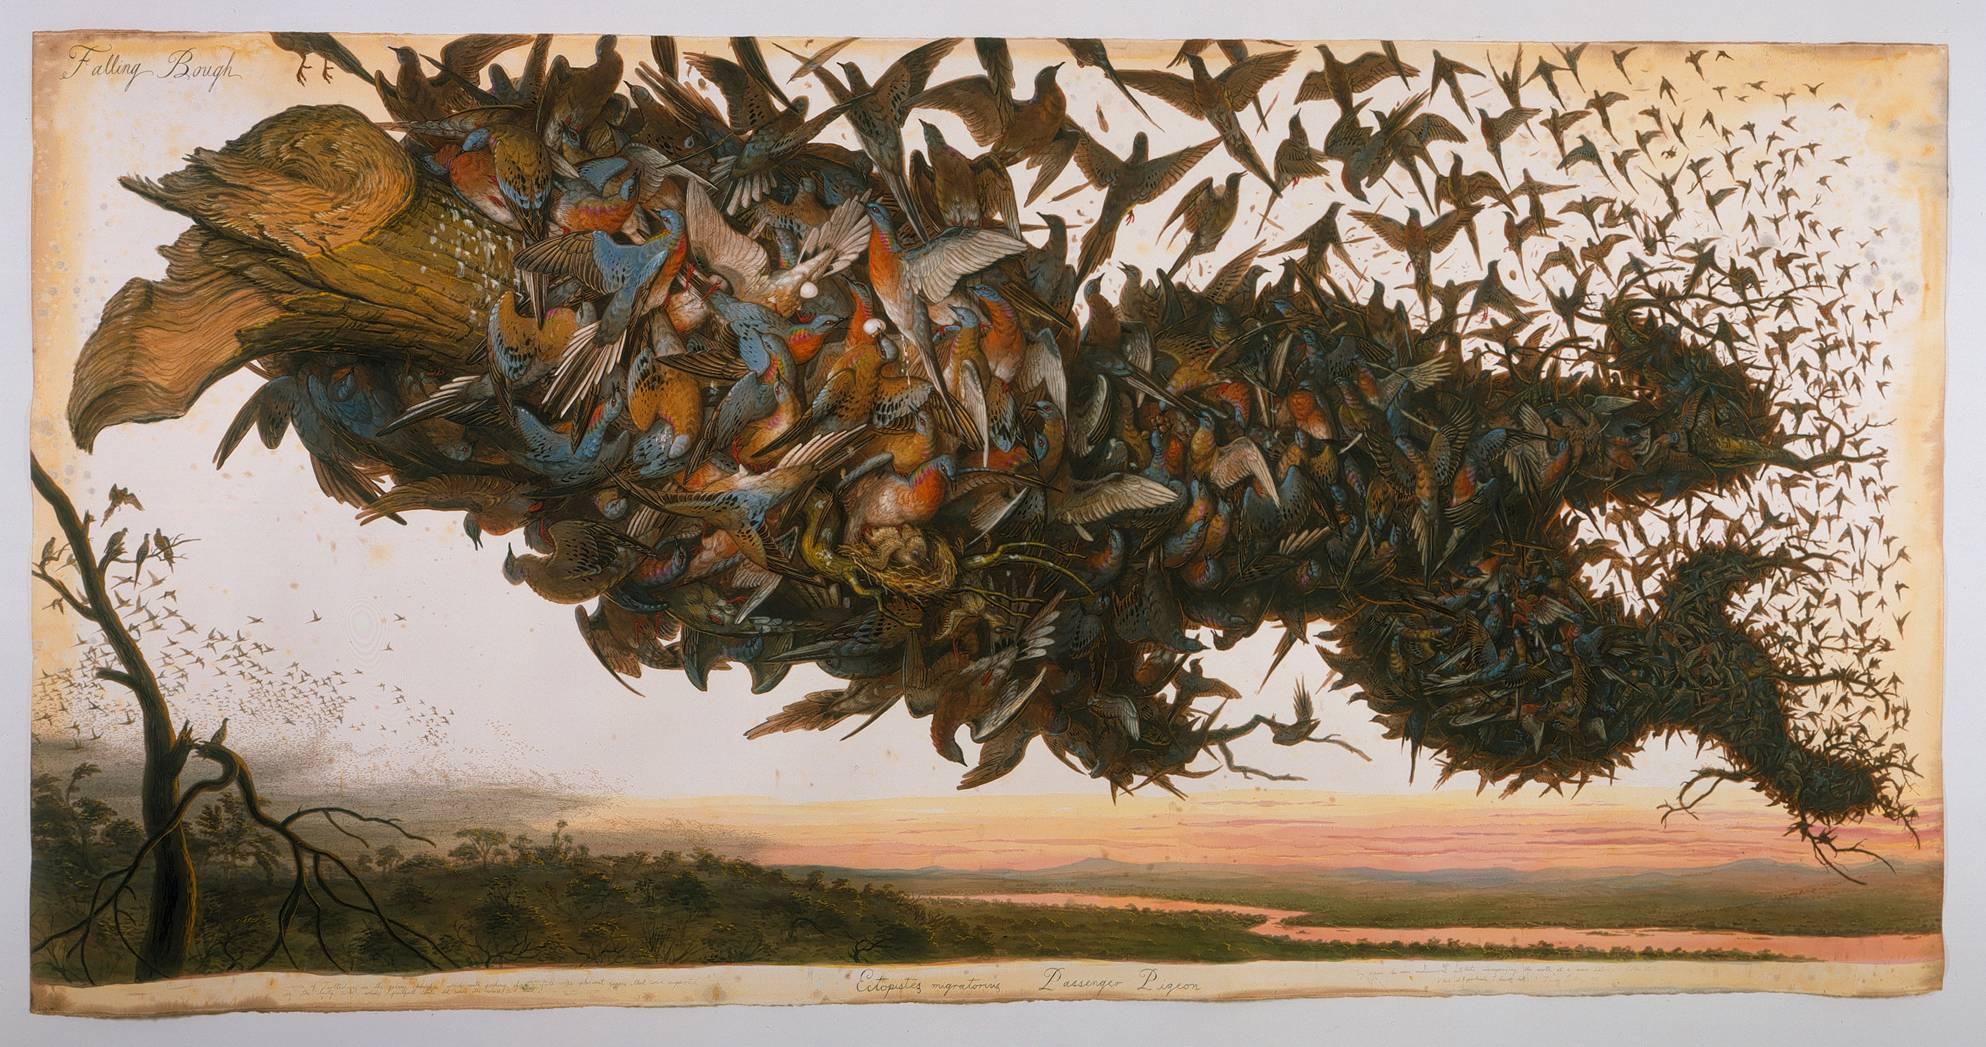 """Walton Ford, """"Falling Bough"""" (2002)"""